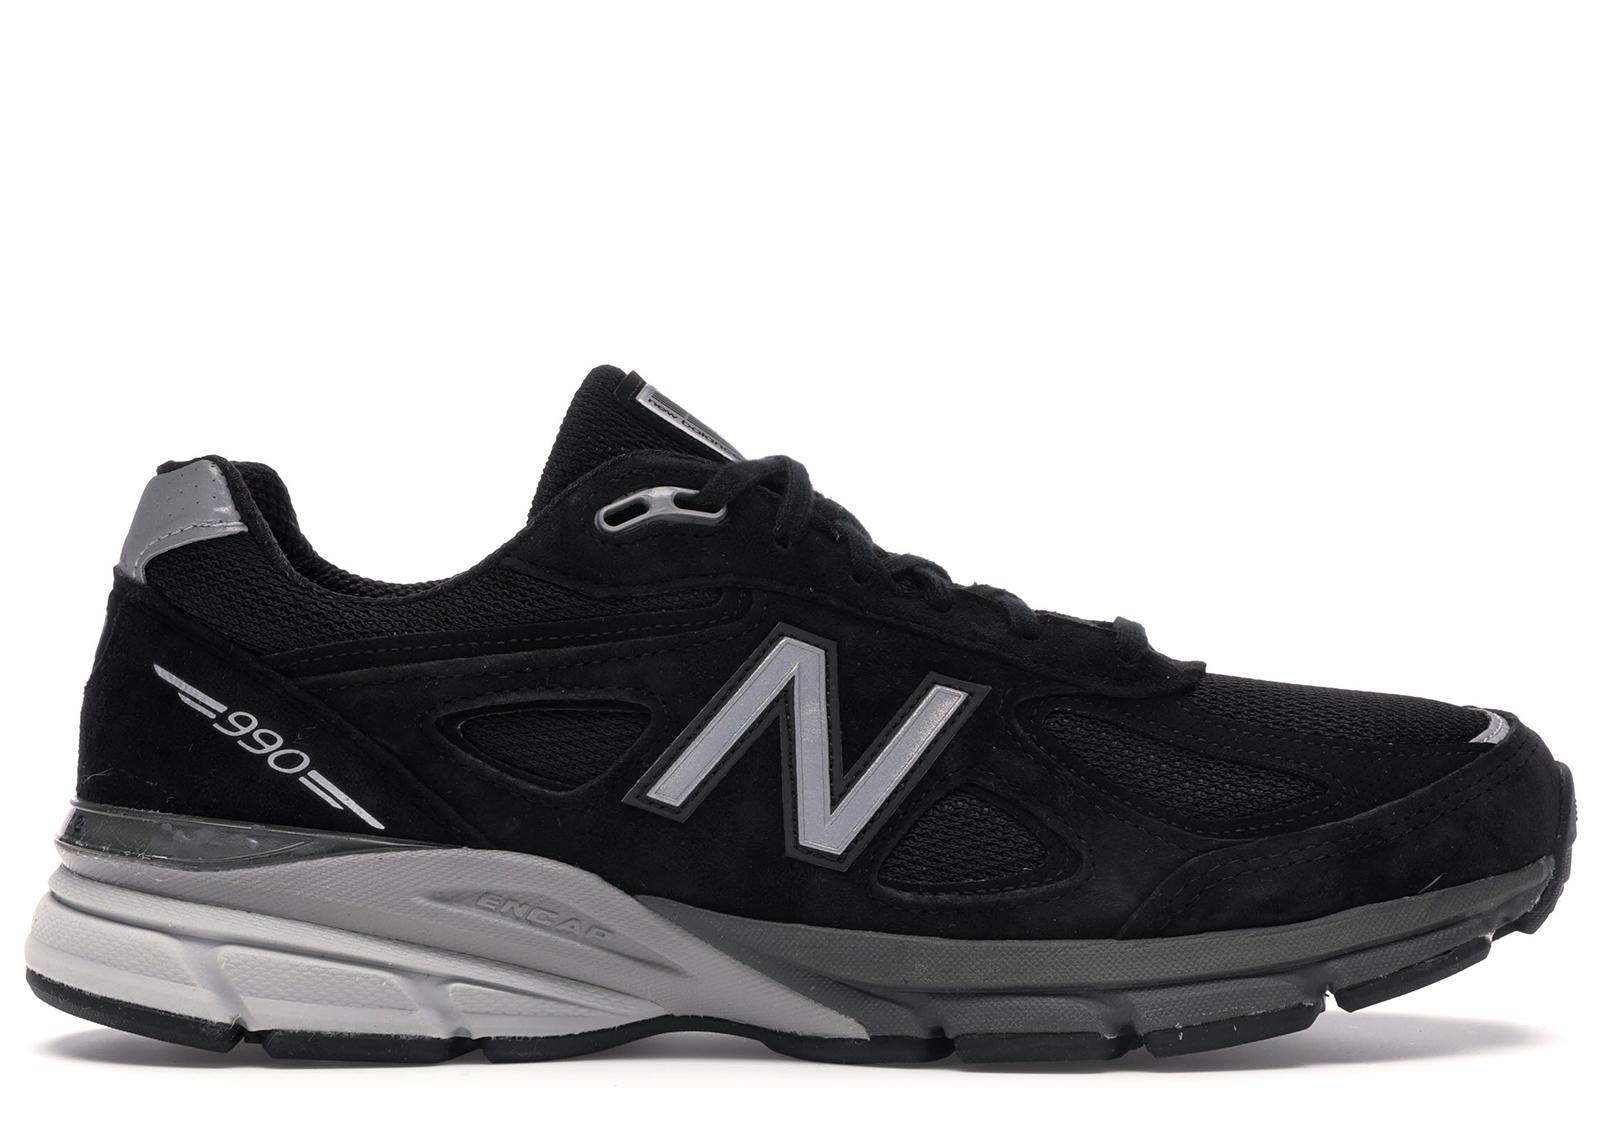 New Balance 990v4 Kith Black for Men - Lyst